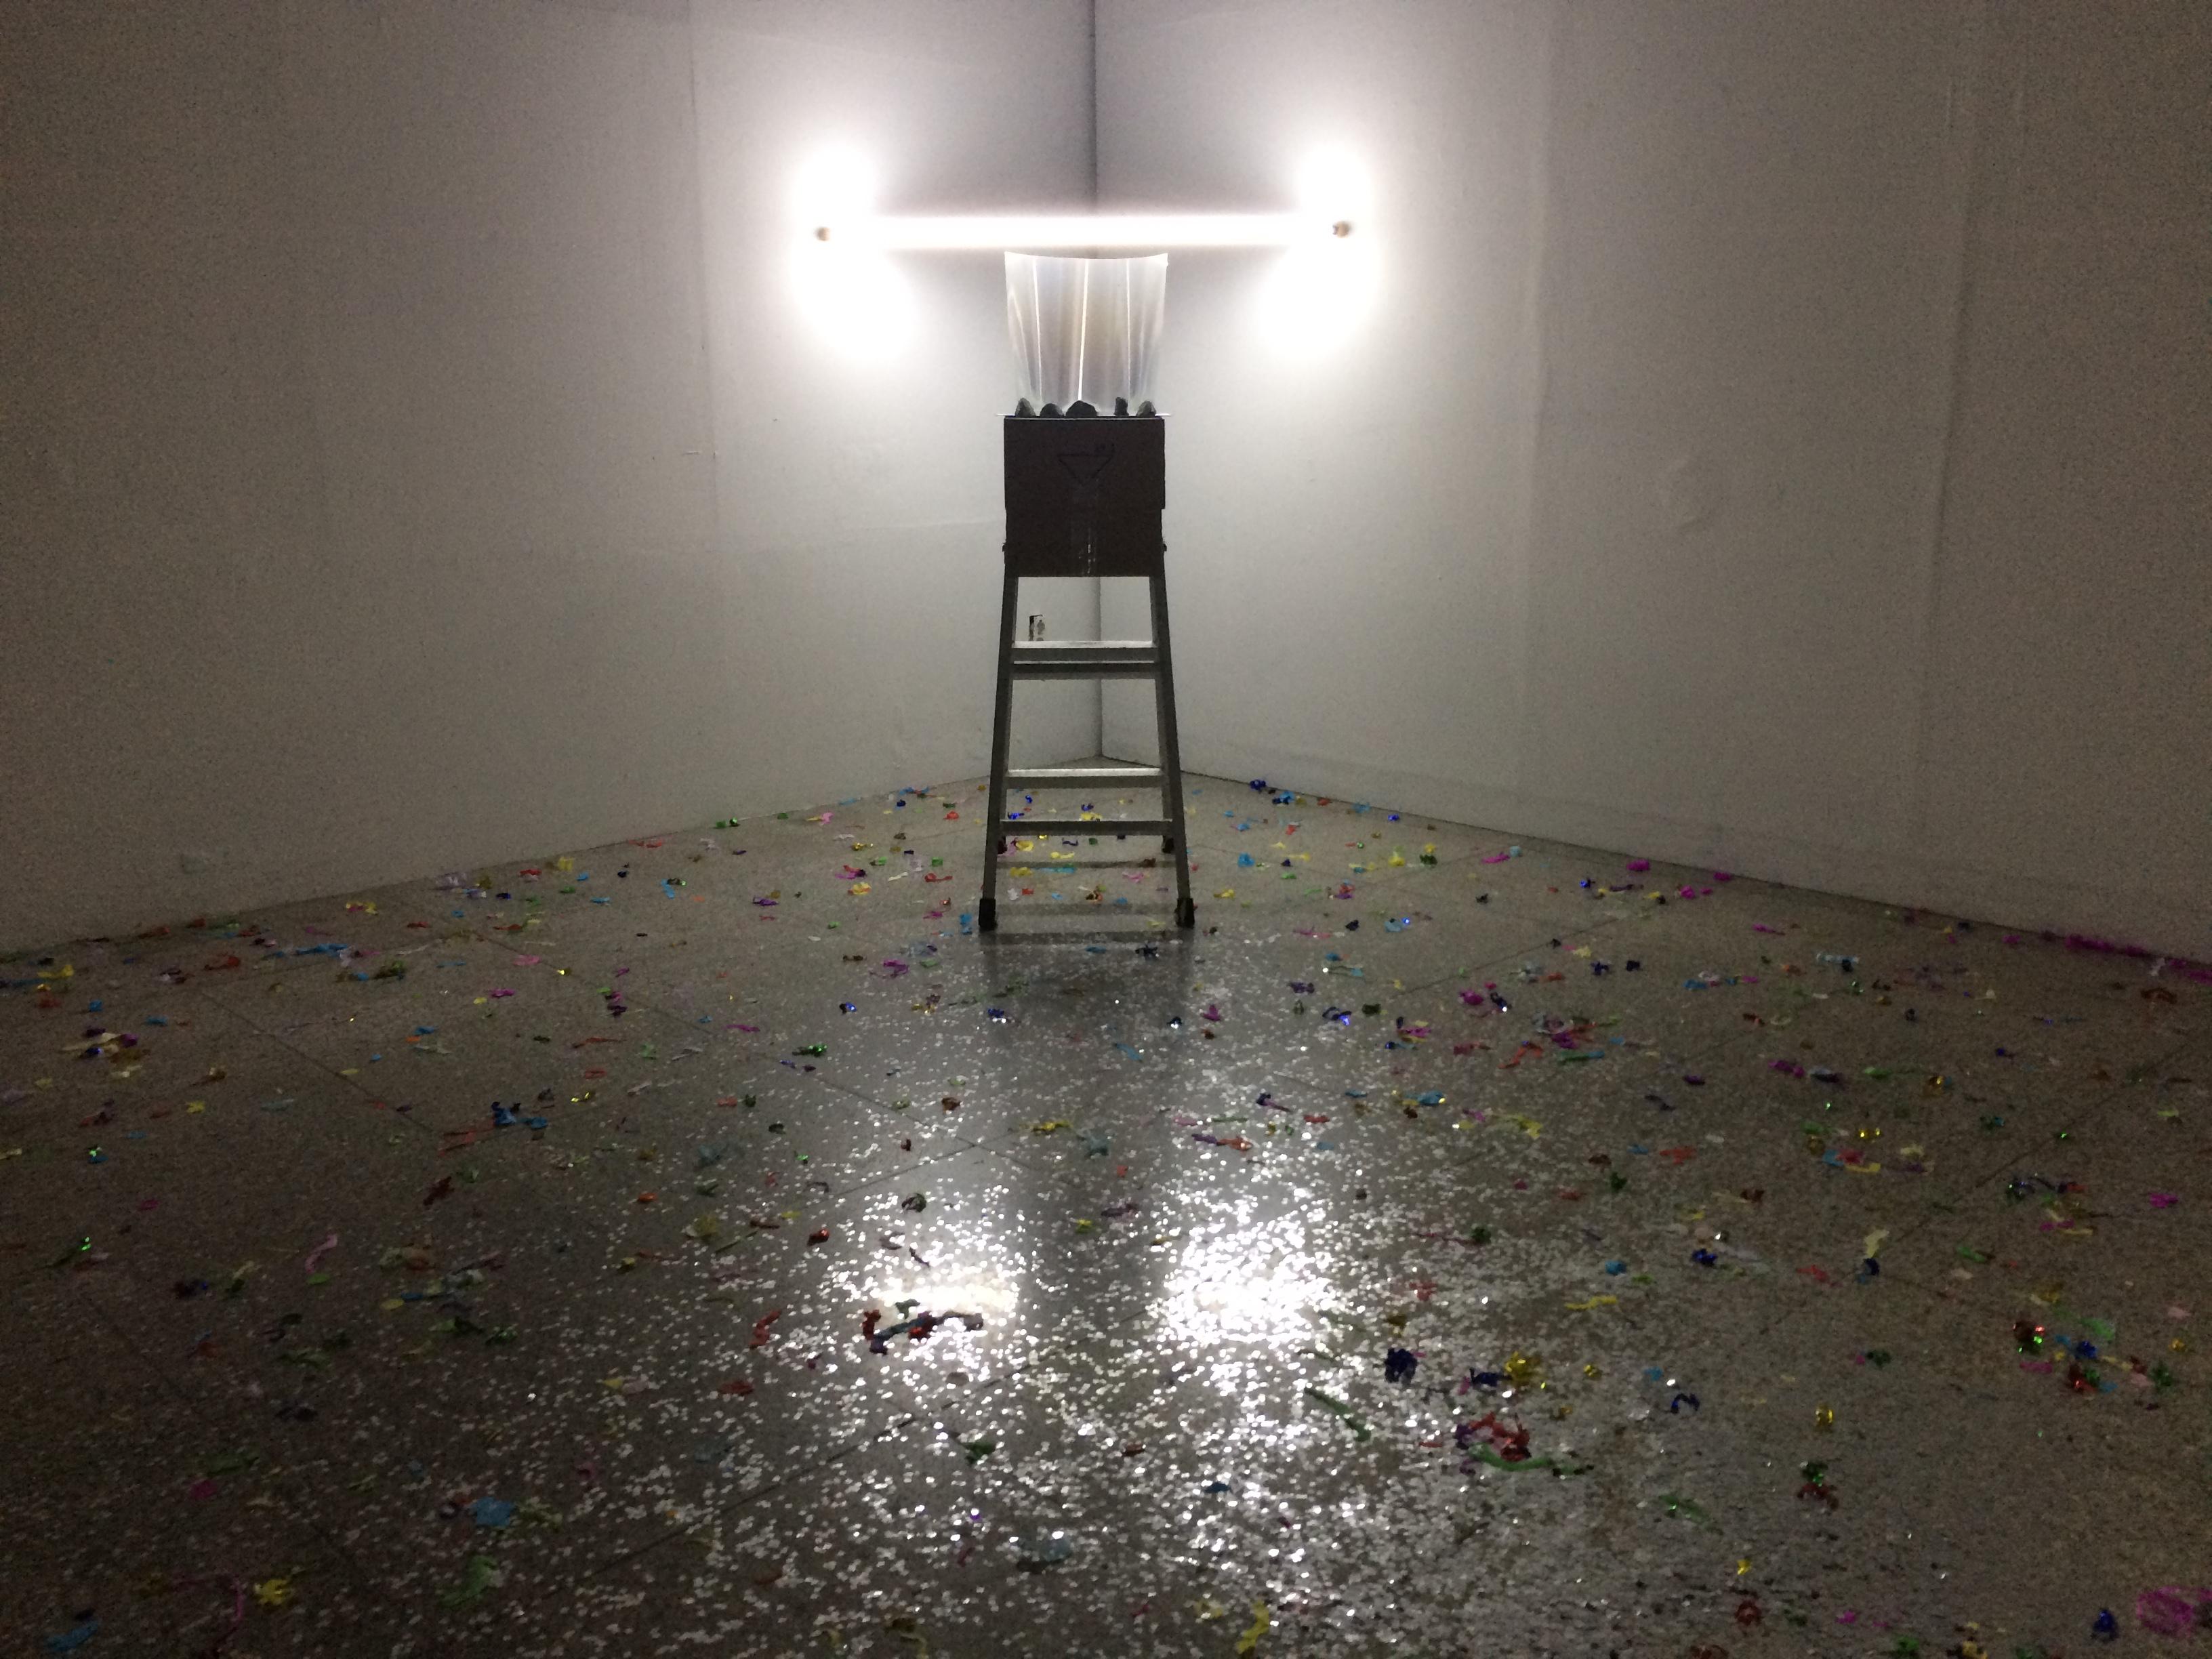 무지개가 뜨는 자리_어른을 위한, 2018, 아크릴, 분광필름, 유토, LED 형광등, 가변설치